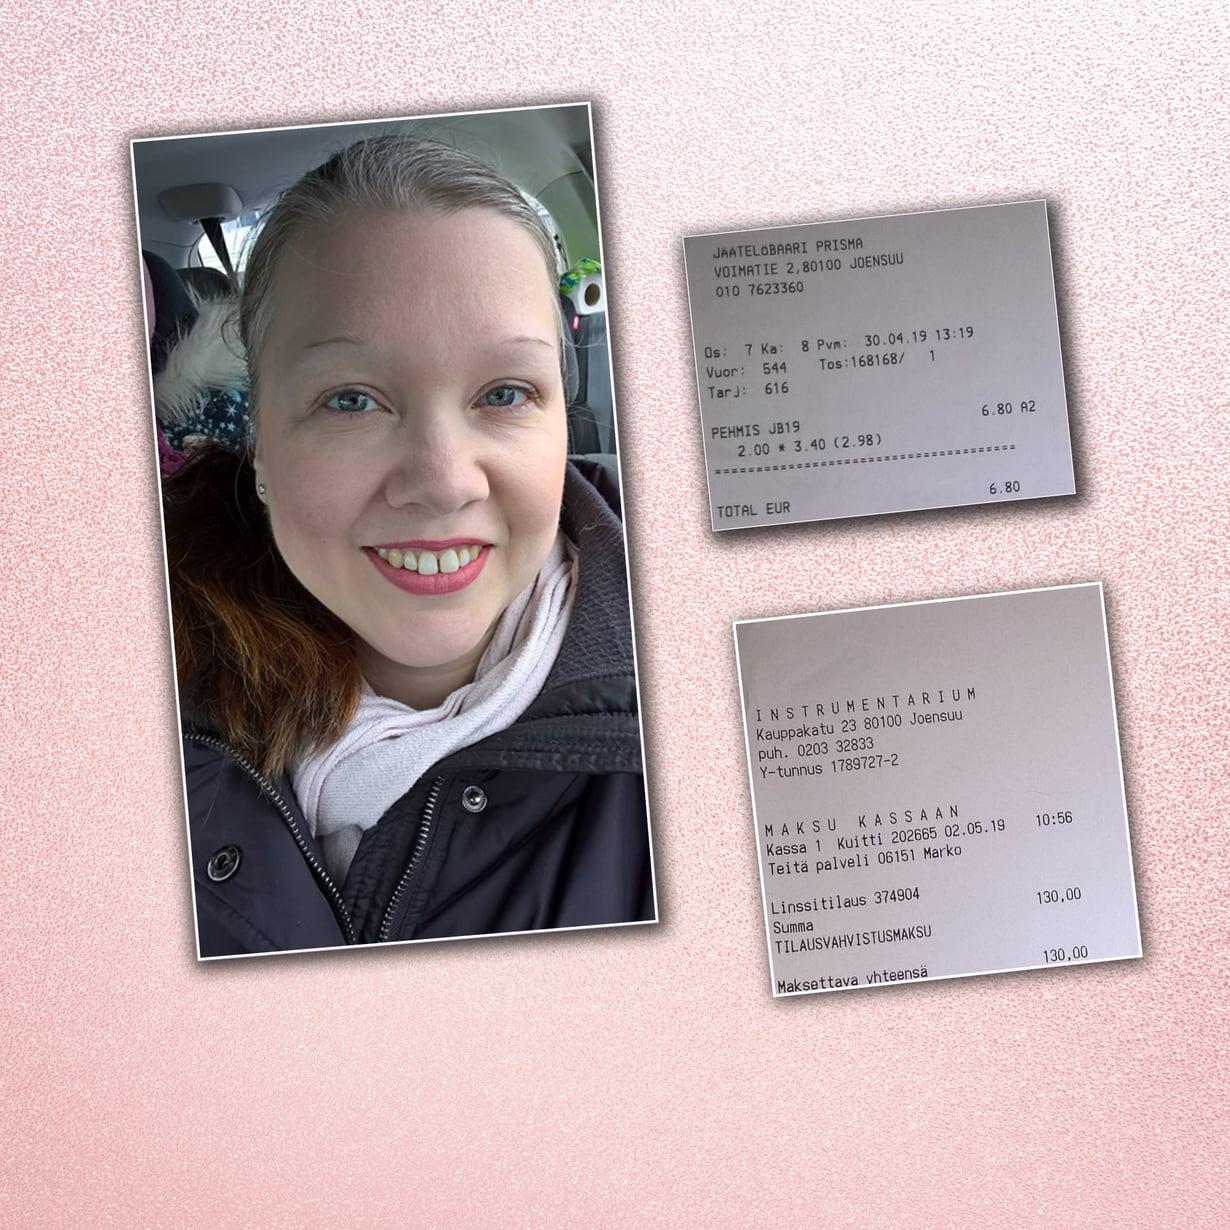 Miten Heidi Aromaa onnistui viime viikolla sijoittamaan itseensä? Kuvat: Heidin kotialbumi ja Shutterstock